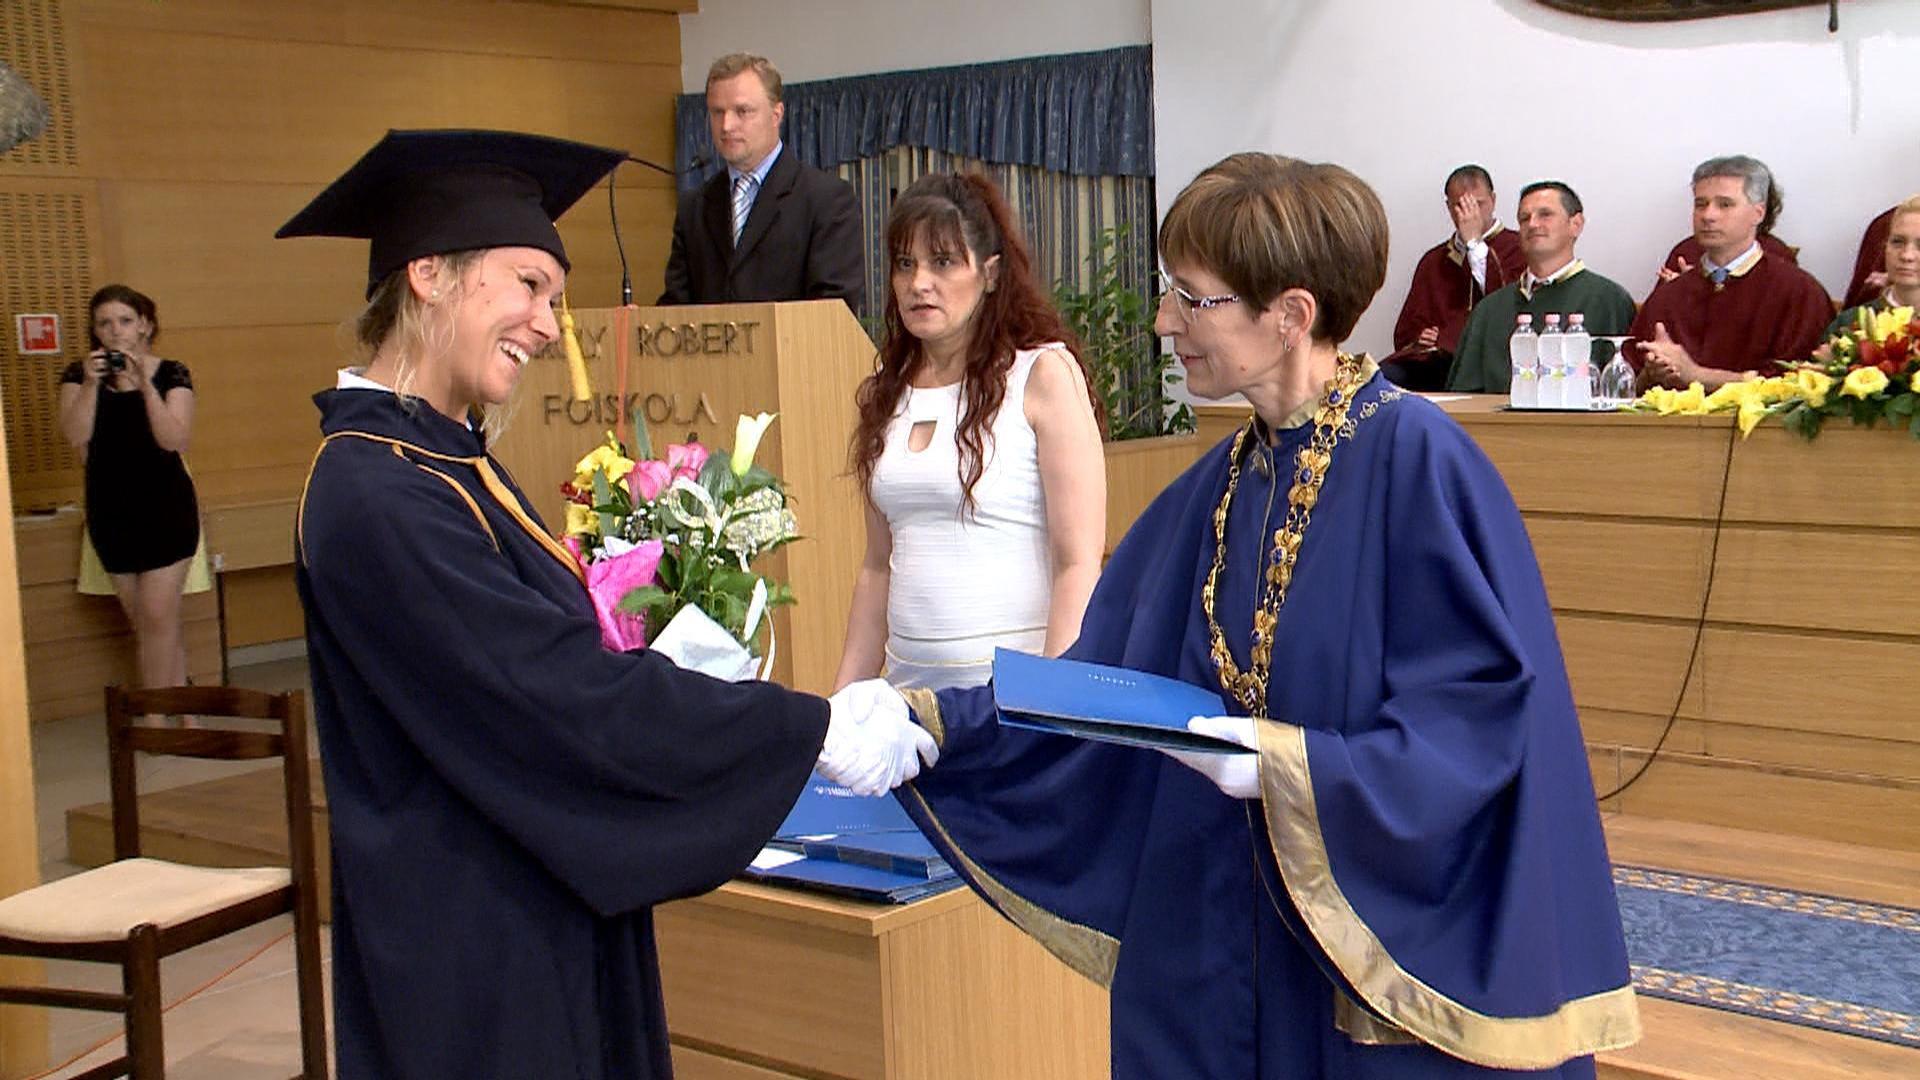 01_krf_diplomaoszto